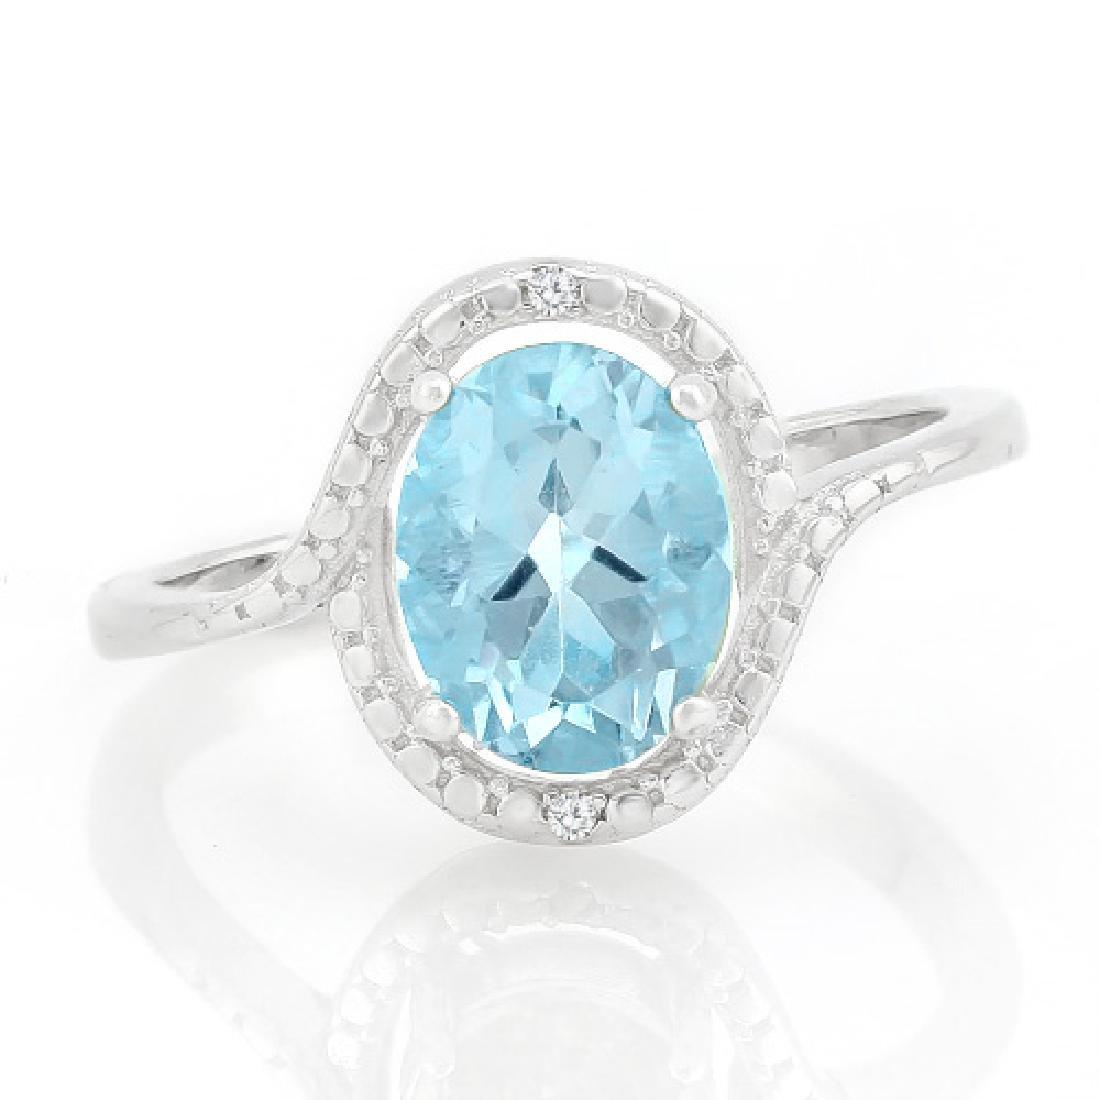 2 CARAT BABY SWISS BLUE TOPAZ & GENUINE DIAMONDS 925 ST